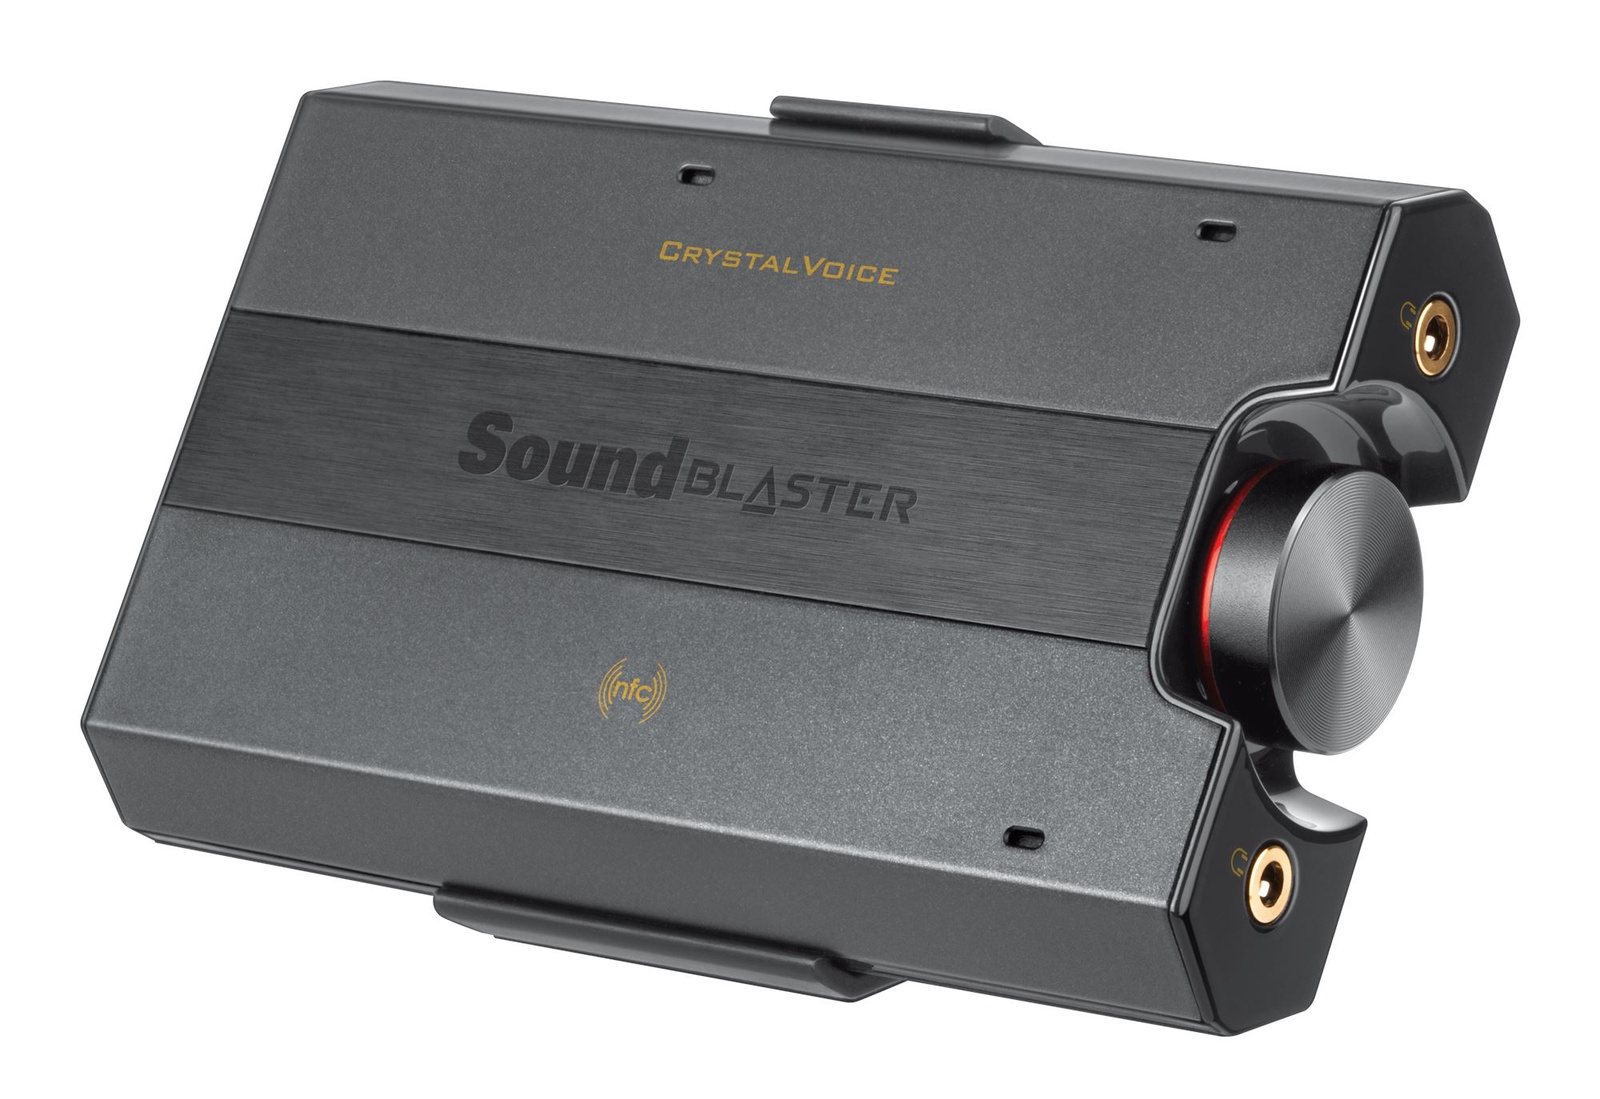 цена на Внешняя звуковая карта Creative Sound Blaster E5